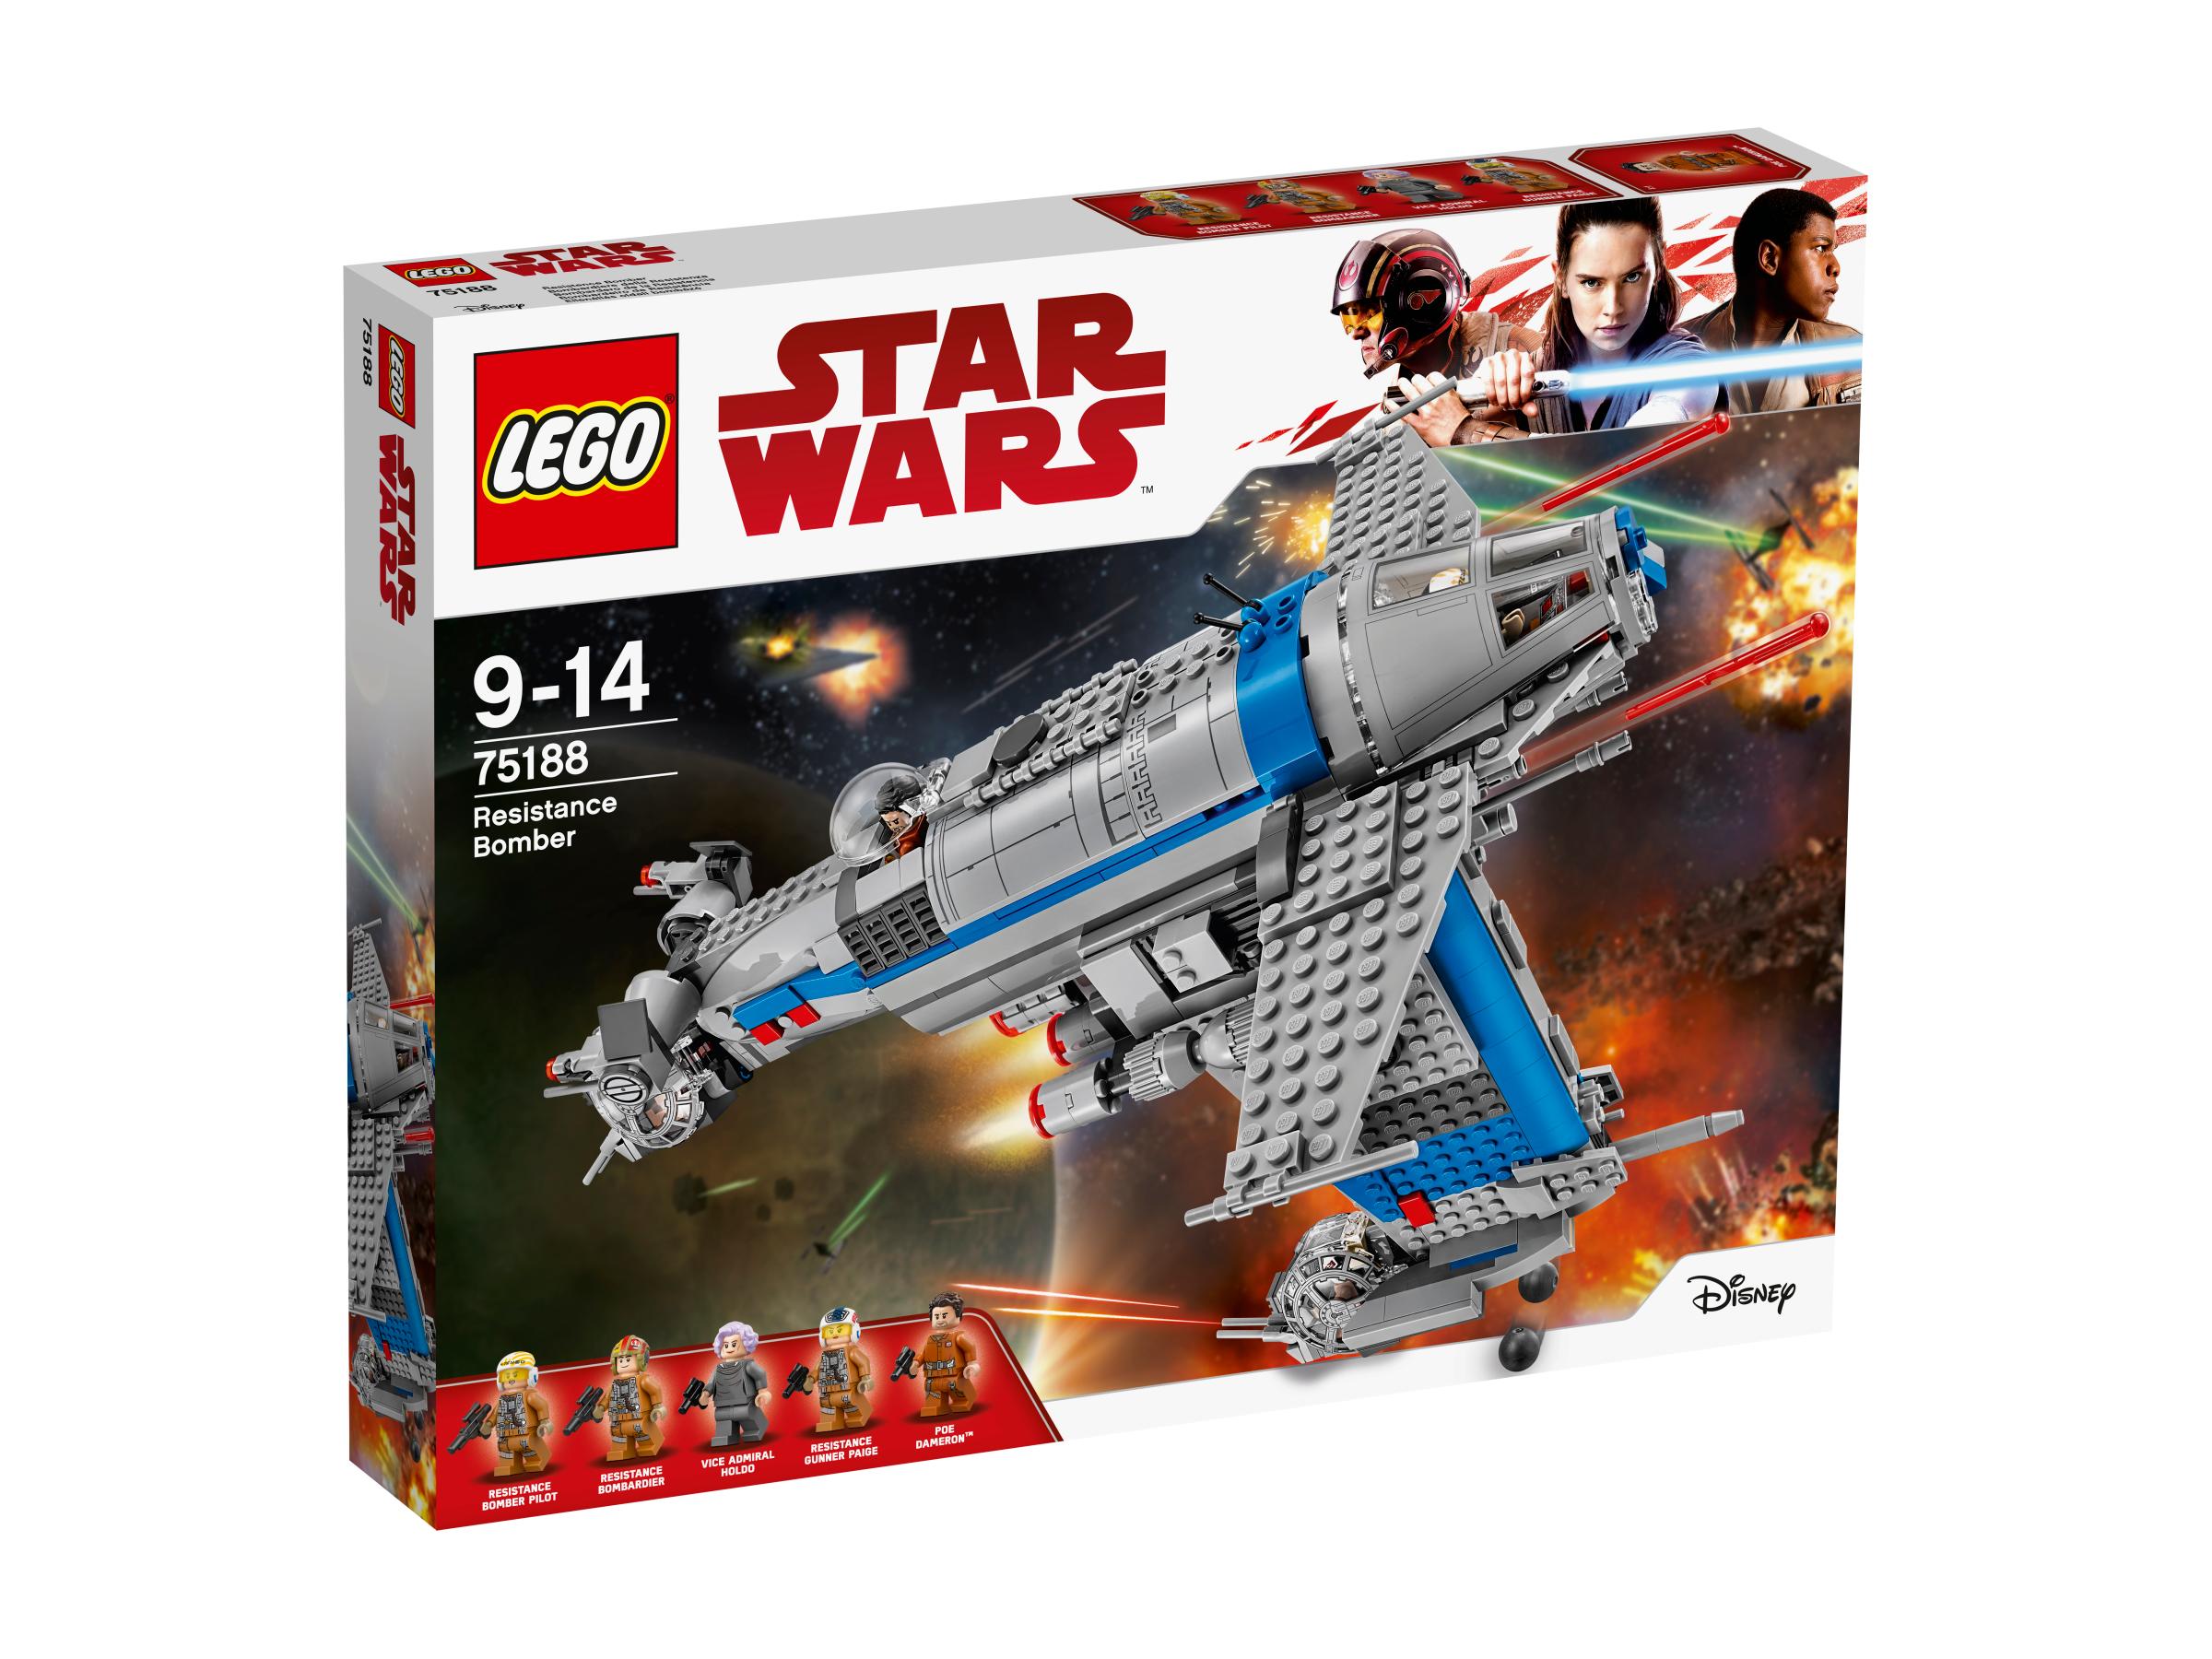 Star Wars - Resistance Bomber - 75188